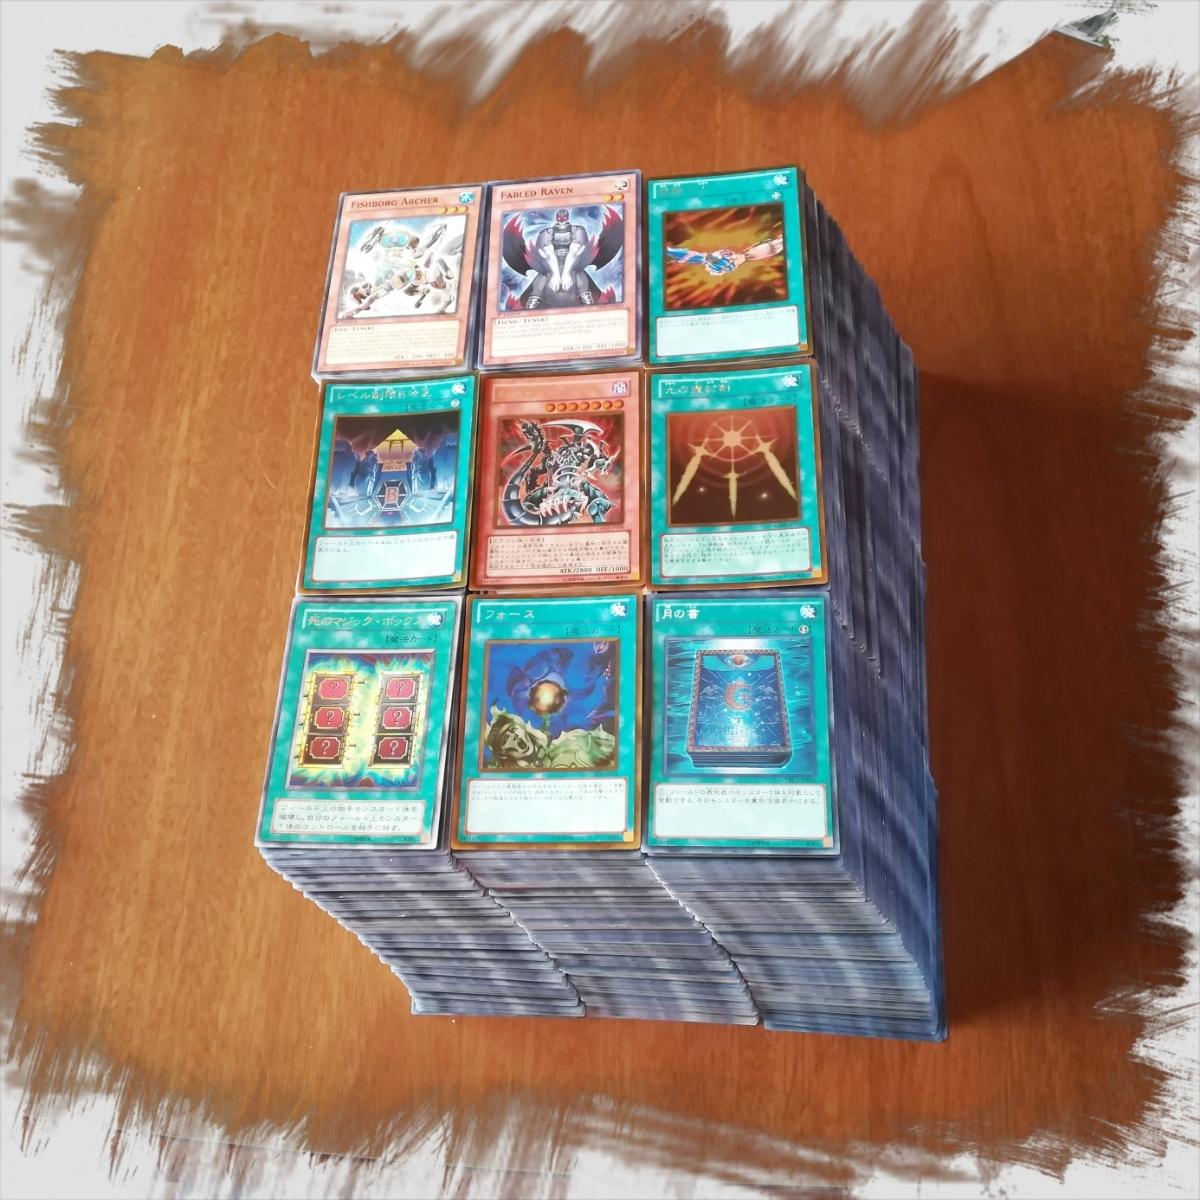 【遊戯王カード約2000枚(レアカード約100枚含む)セット】トレカ/大量/まとめ売り/二千枚/カードゲーム/【管理No.再45】_画像1